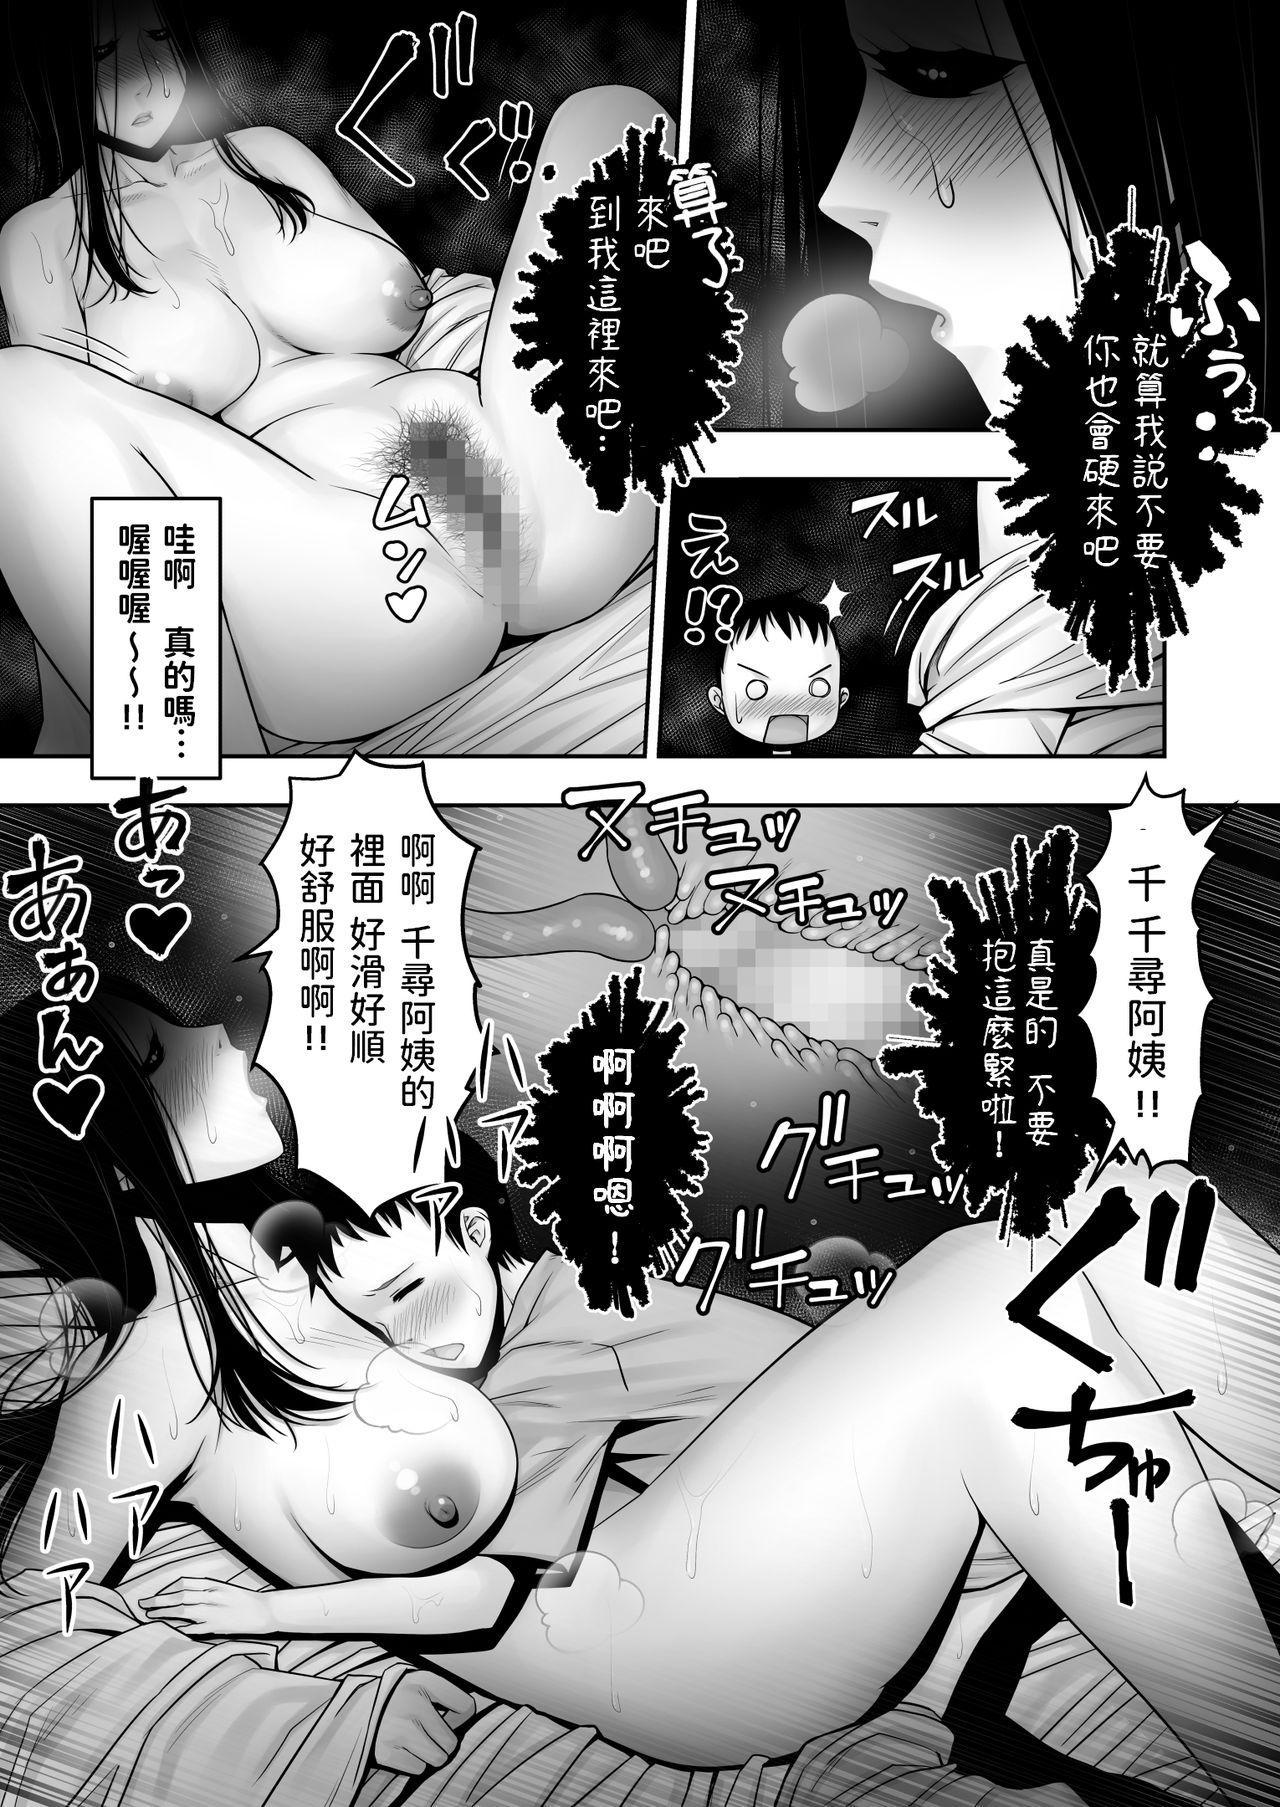 Doutei ga Heya ni Toritsuite Iru Onna Yuurei ni Gyaku Kanashibari o Kaketa Kekka 31